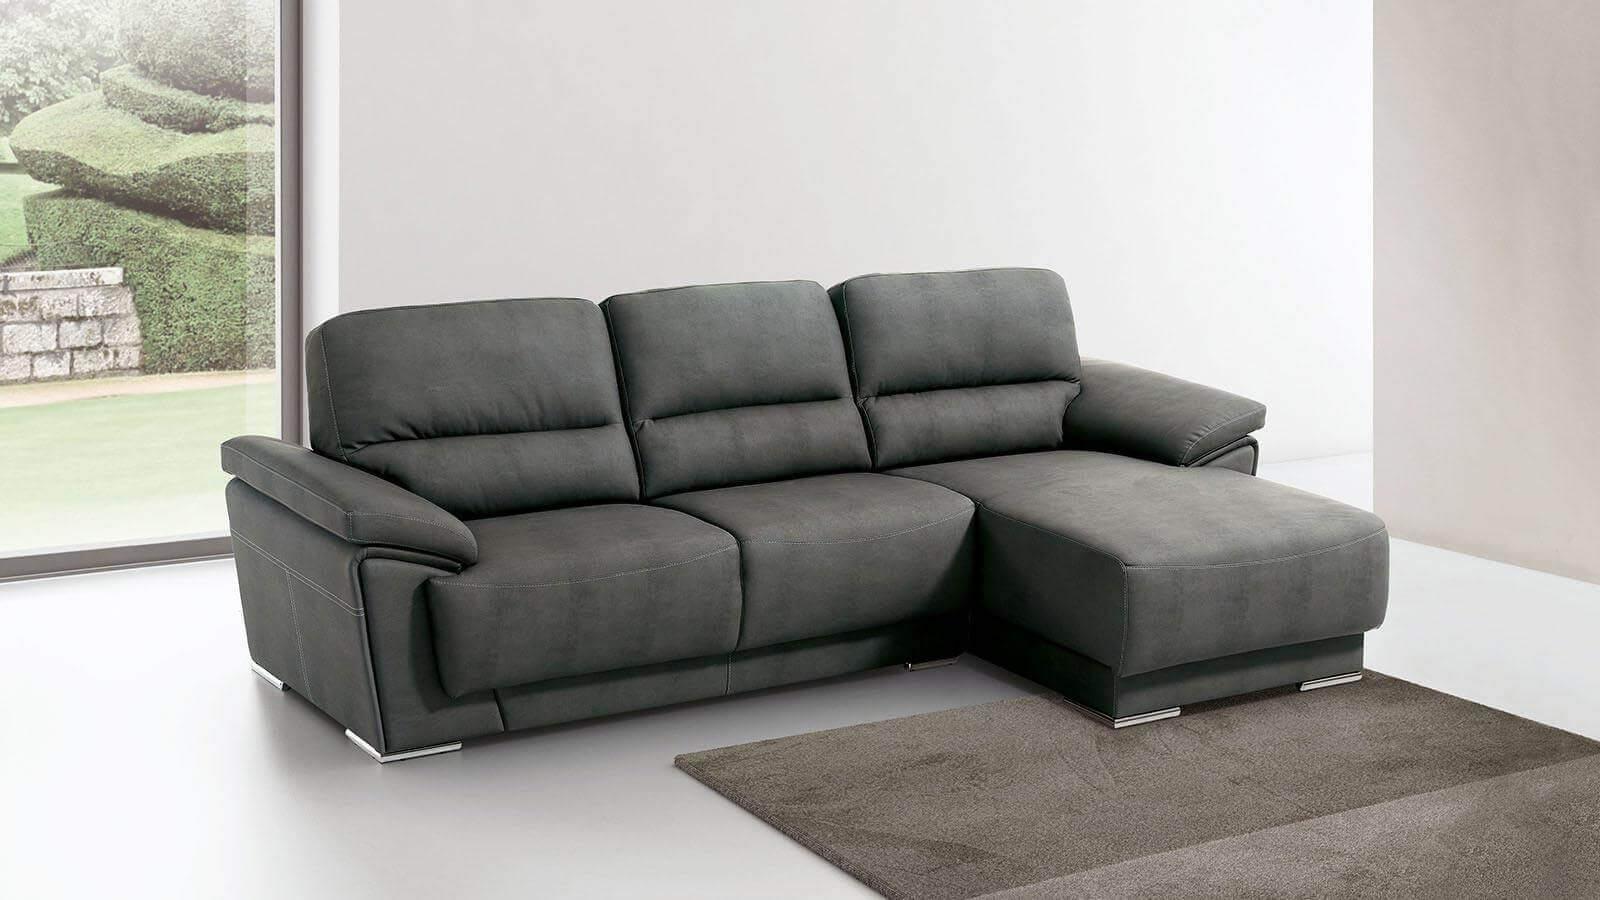 loja de fabrica sofa e colchoes porangaba 3 cushion bed slipcover móveis são jorge revenda p lojas sofás